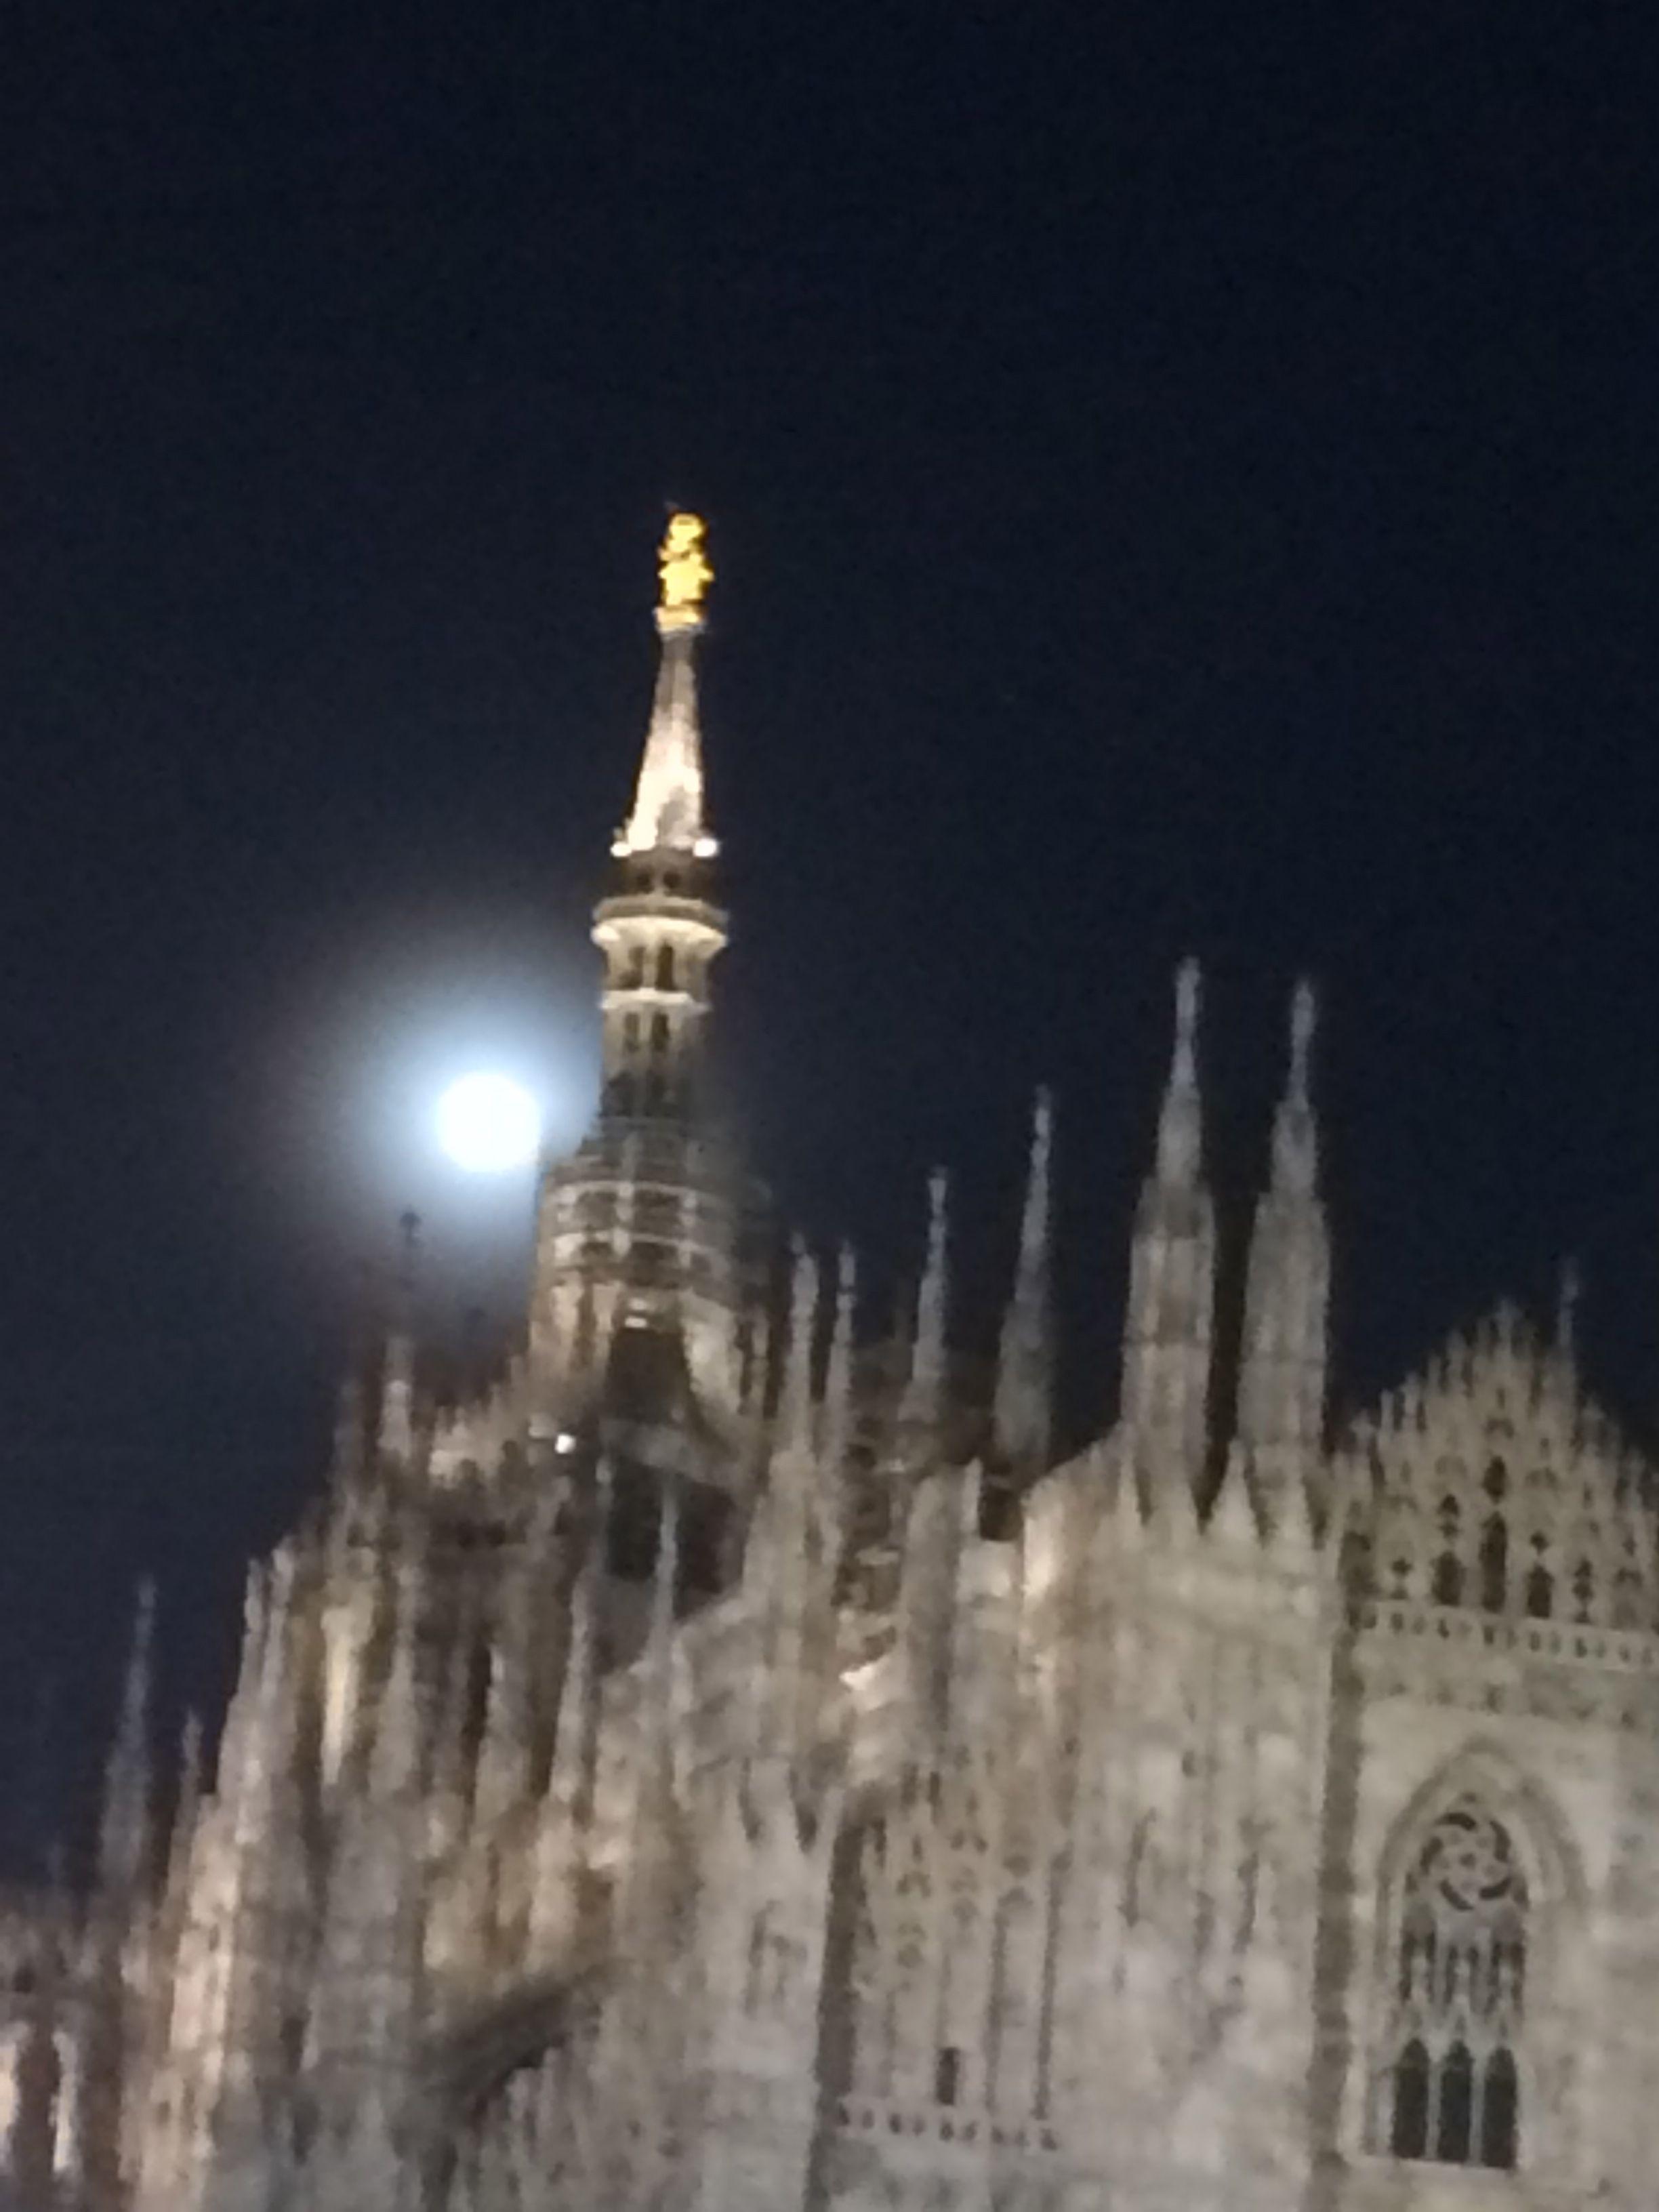 full moon in milan #mybeautifulmilan#ilovemilan#ilovemycity#fullmoon